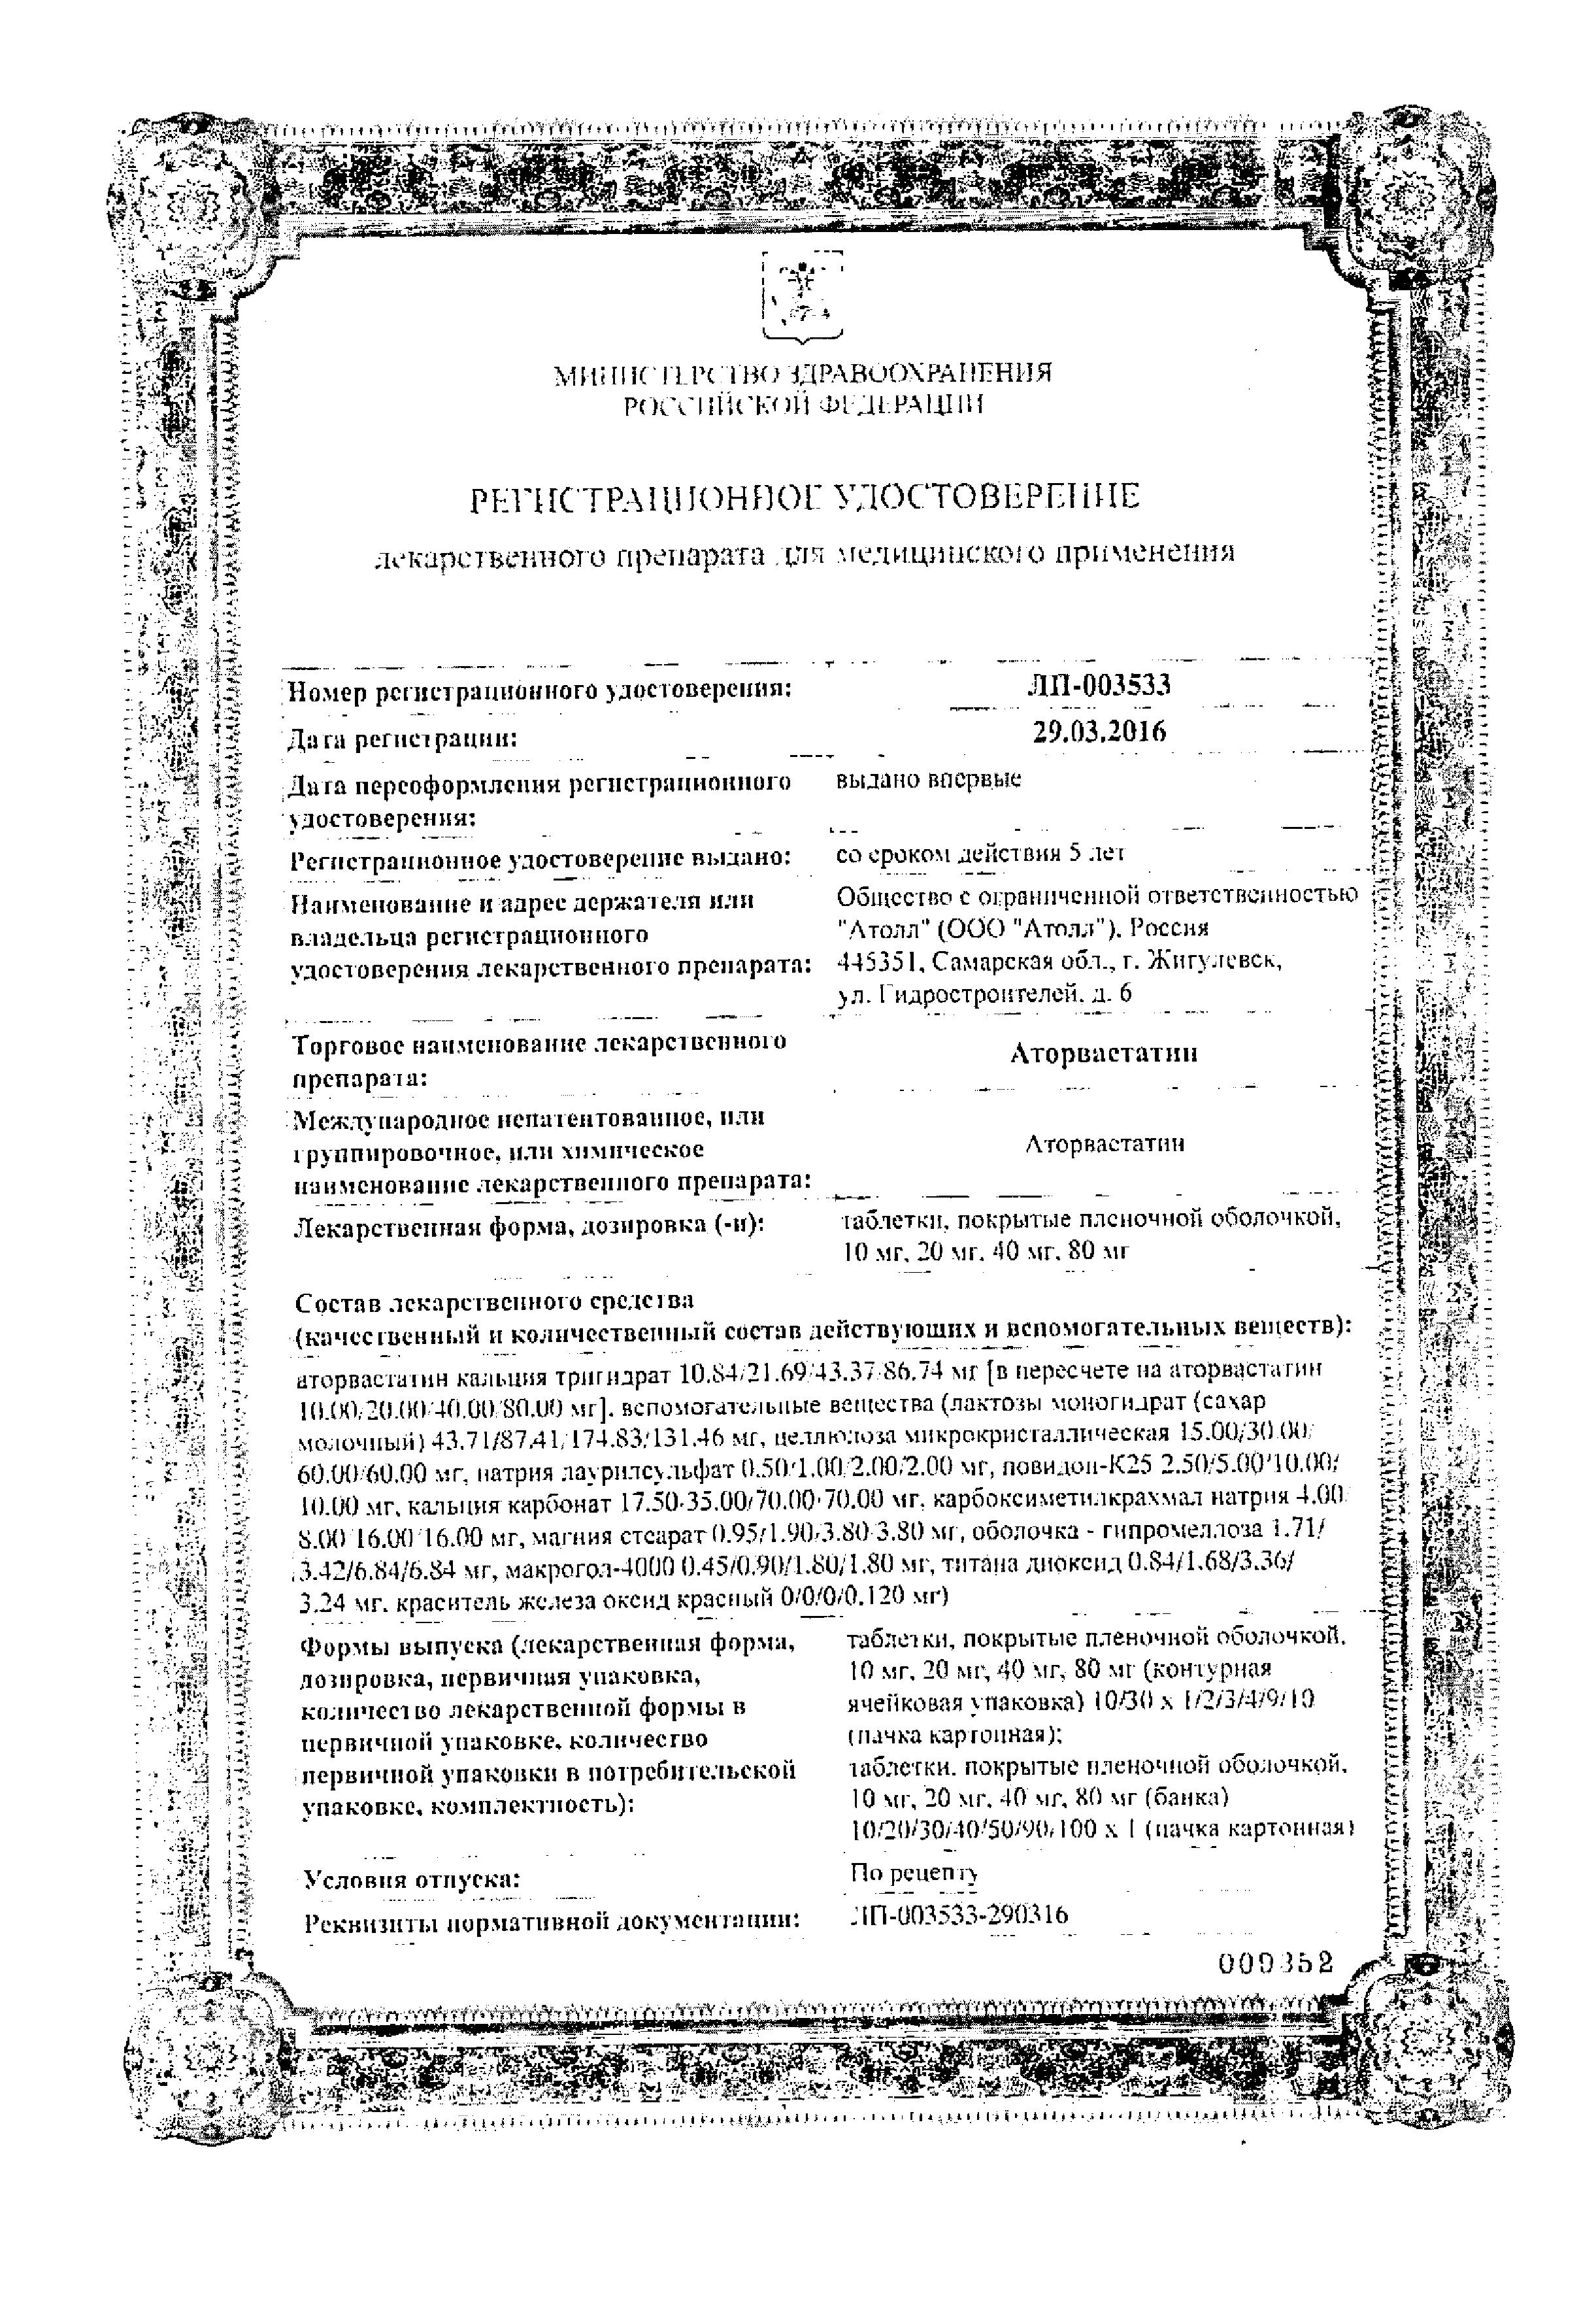 Аторвастатин сертификат